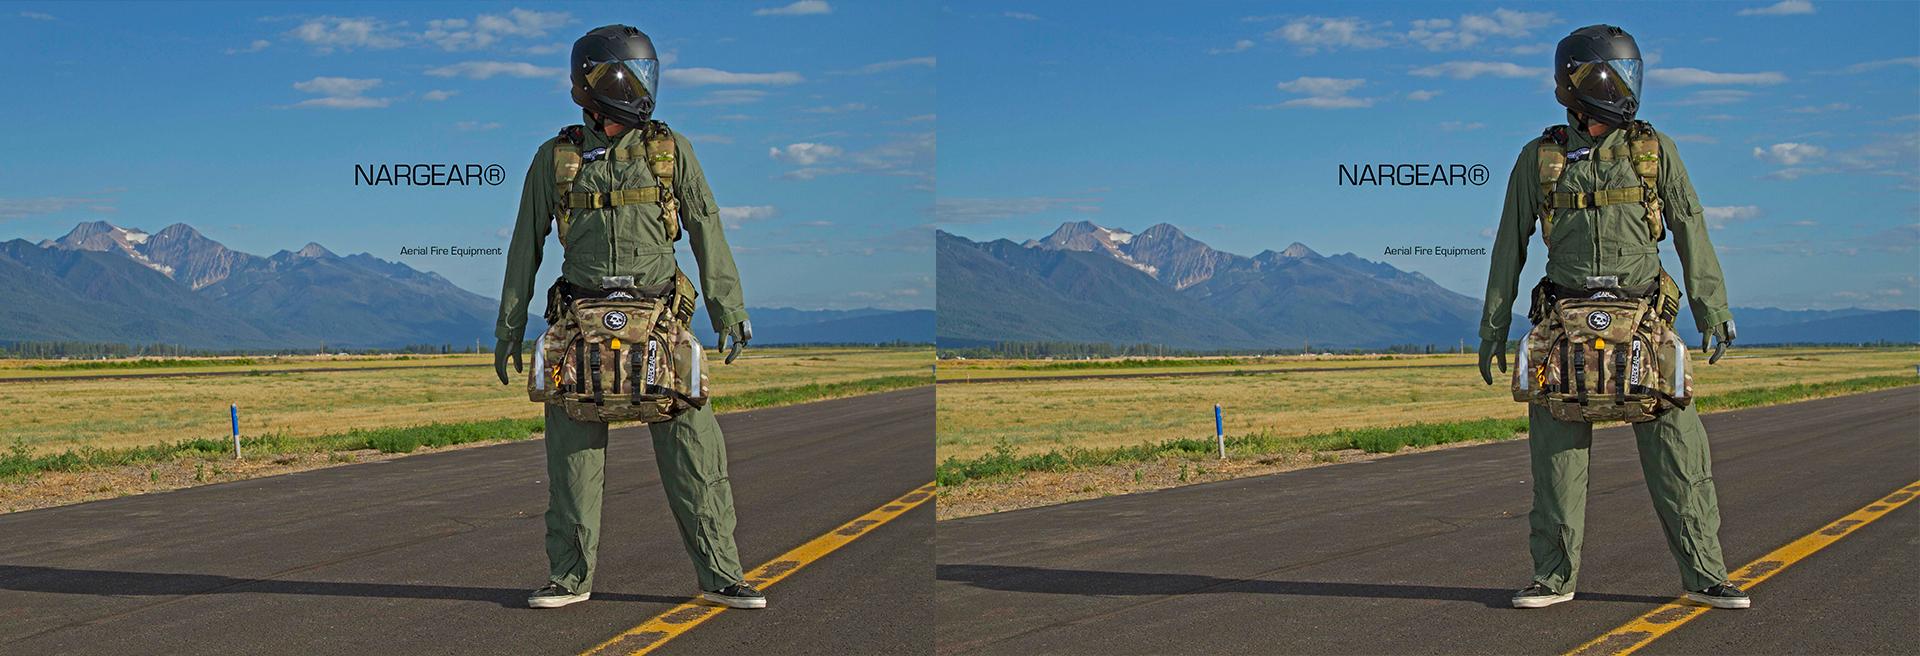 NARGEAR®-Best-wildland-fire-line-packs-firefighter-backpacks.-wildland-firefighter-gear-and-equipment-NARGEAR-wildland-fire-fighting-packs-wilderness-EMT-forest-firefighter-fire-pack-04